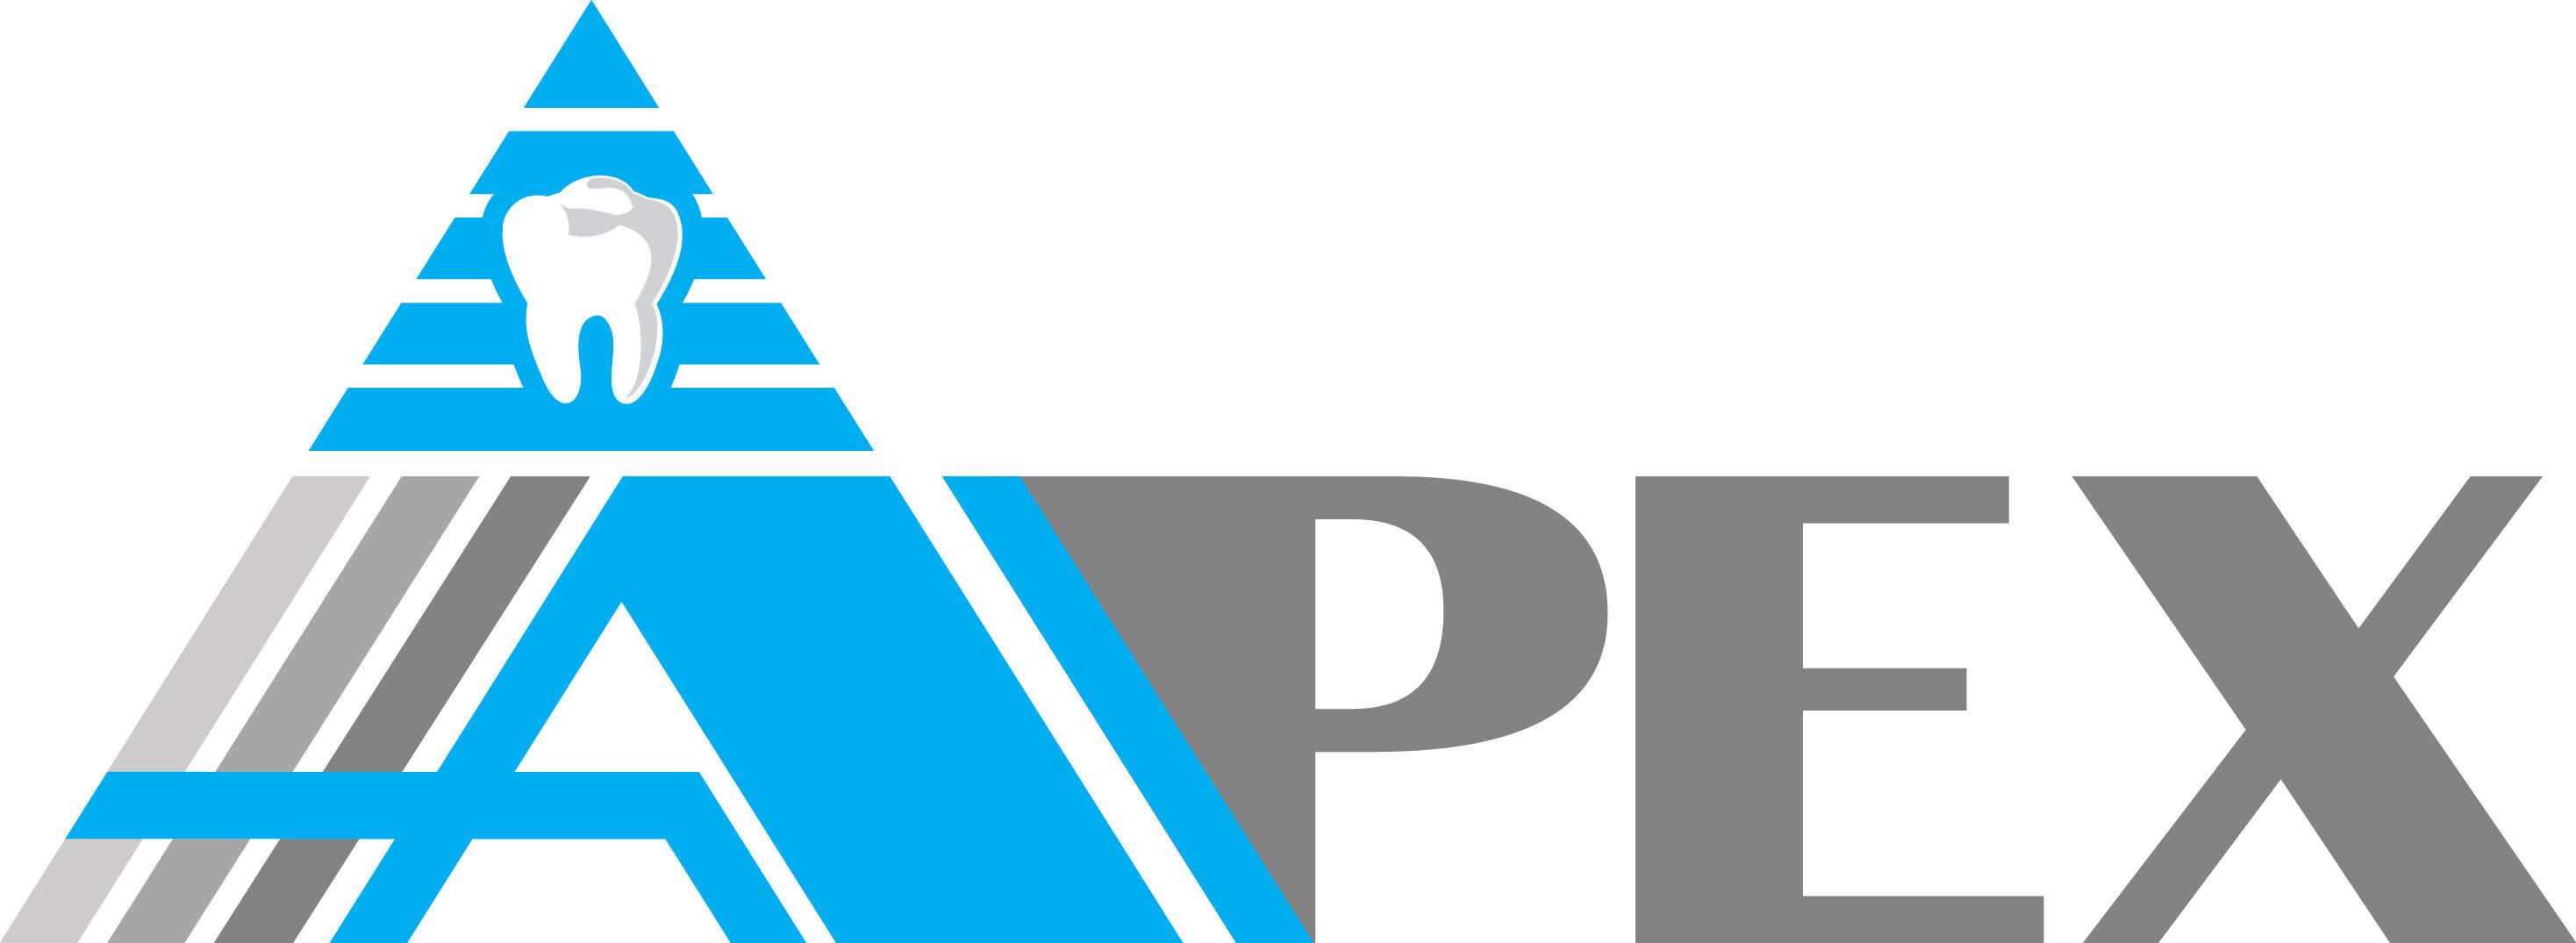 Компания апекс официальный сайт ey компания сайт